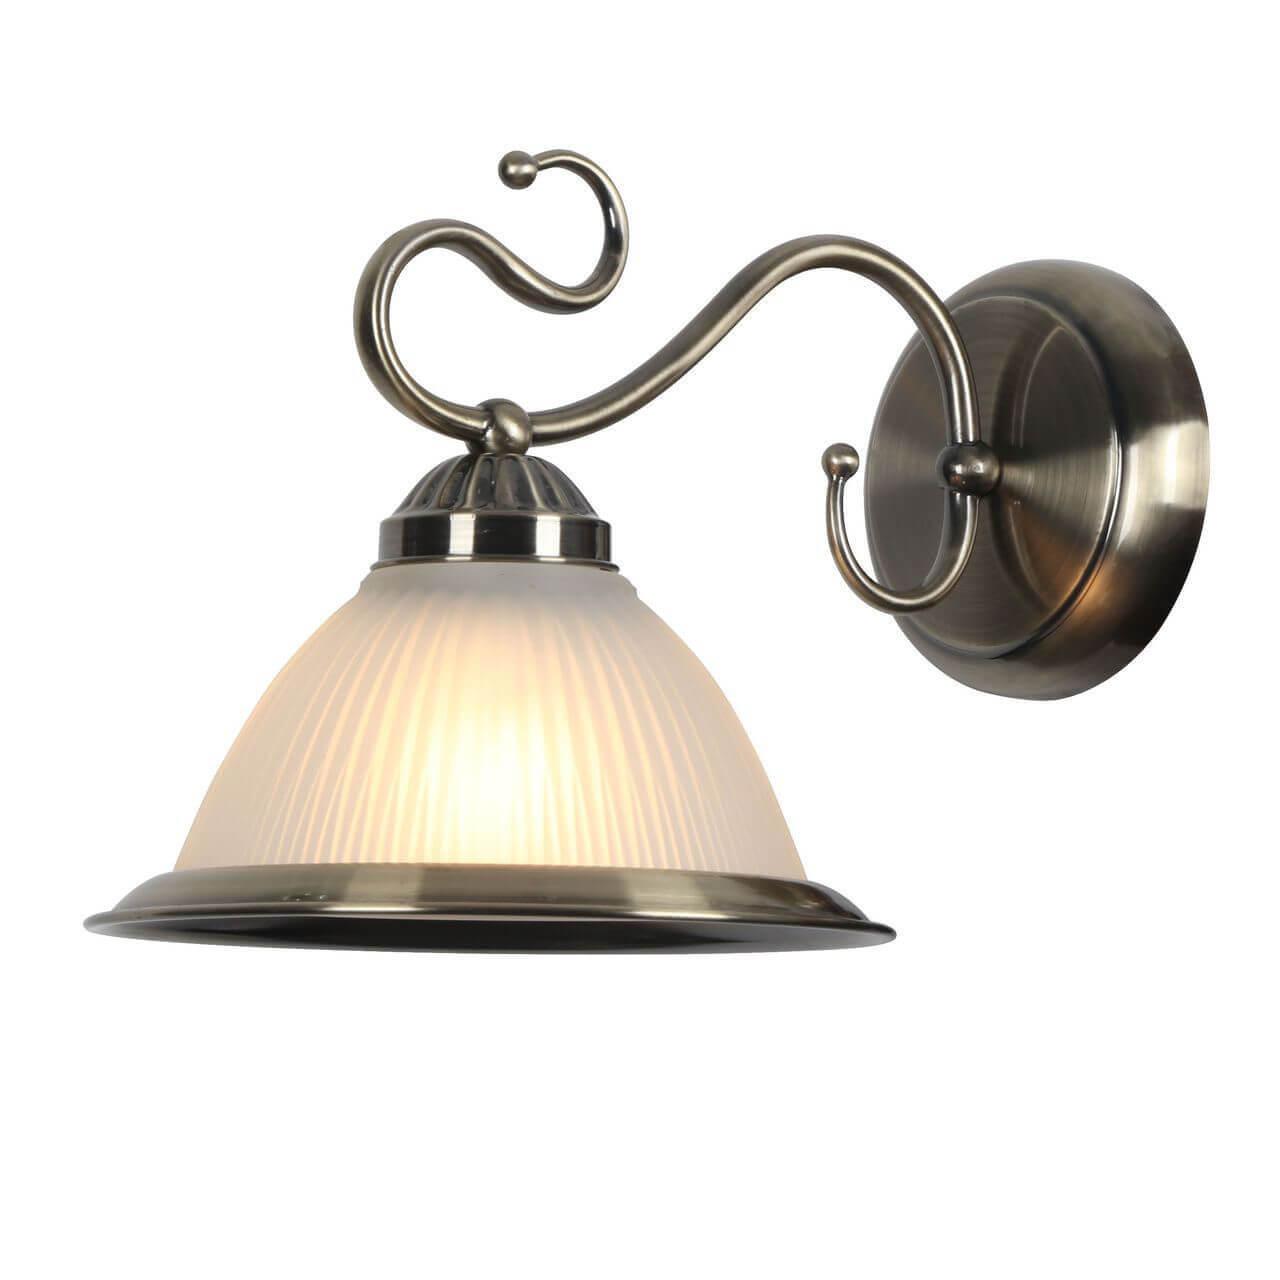 Бра Arte Lamp A6276AP-1AB Costanza бра arte lamp a2872ap 1ab california